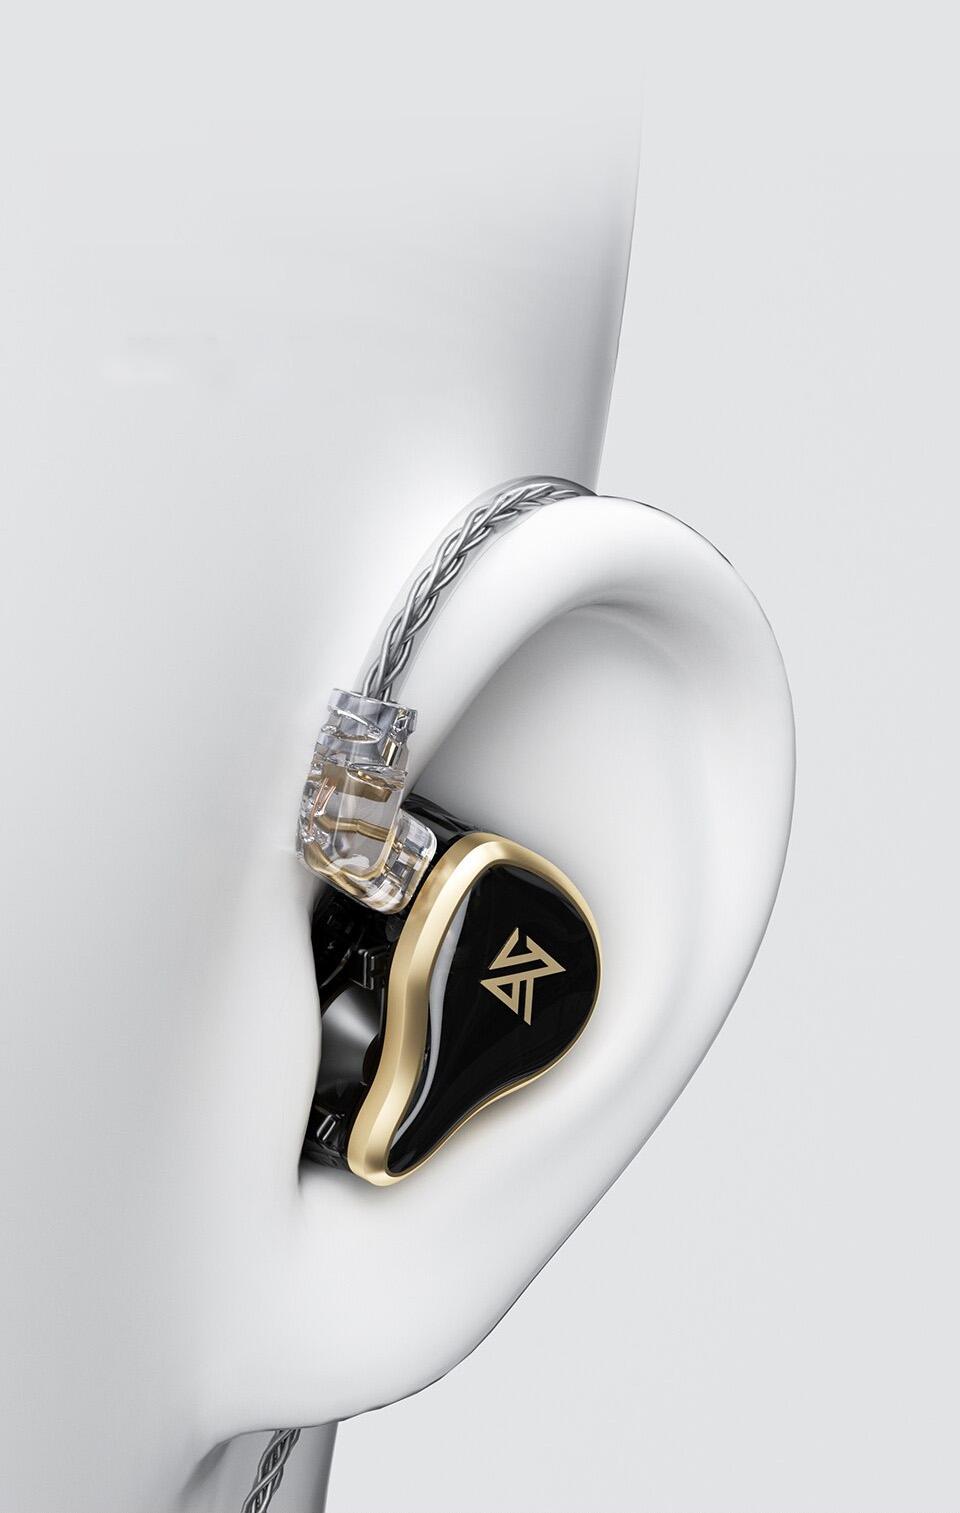 KZ ZAS in the ear